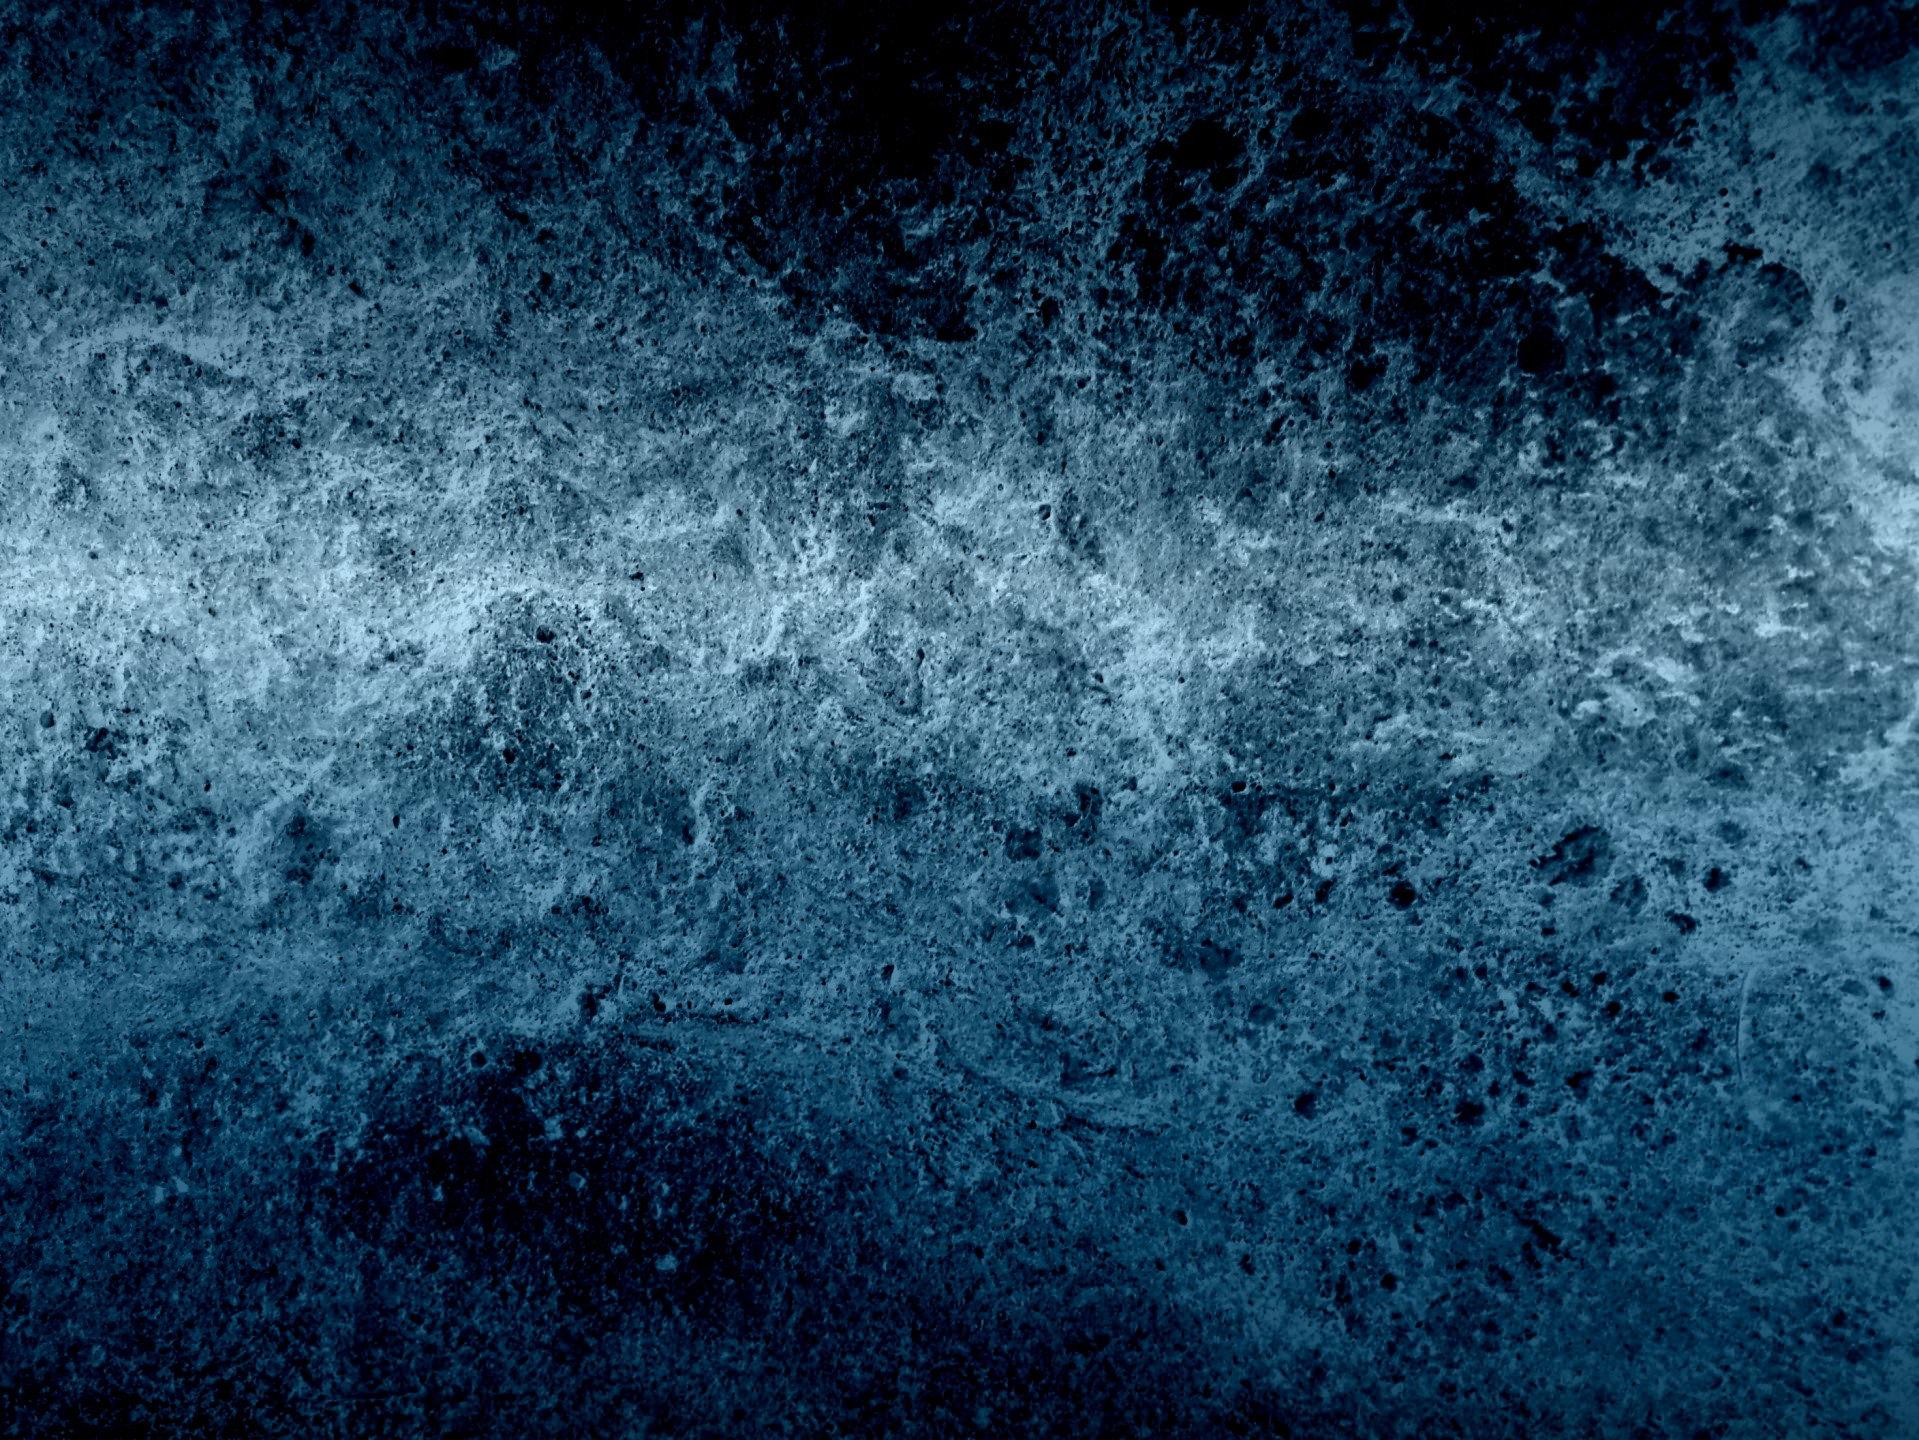 Screen Scratch Wallpaper Hd 21 Blue Textures Backgrounds Wallpapers Freecreatives